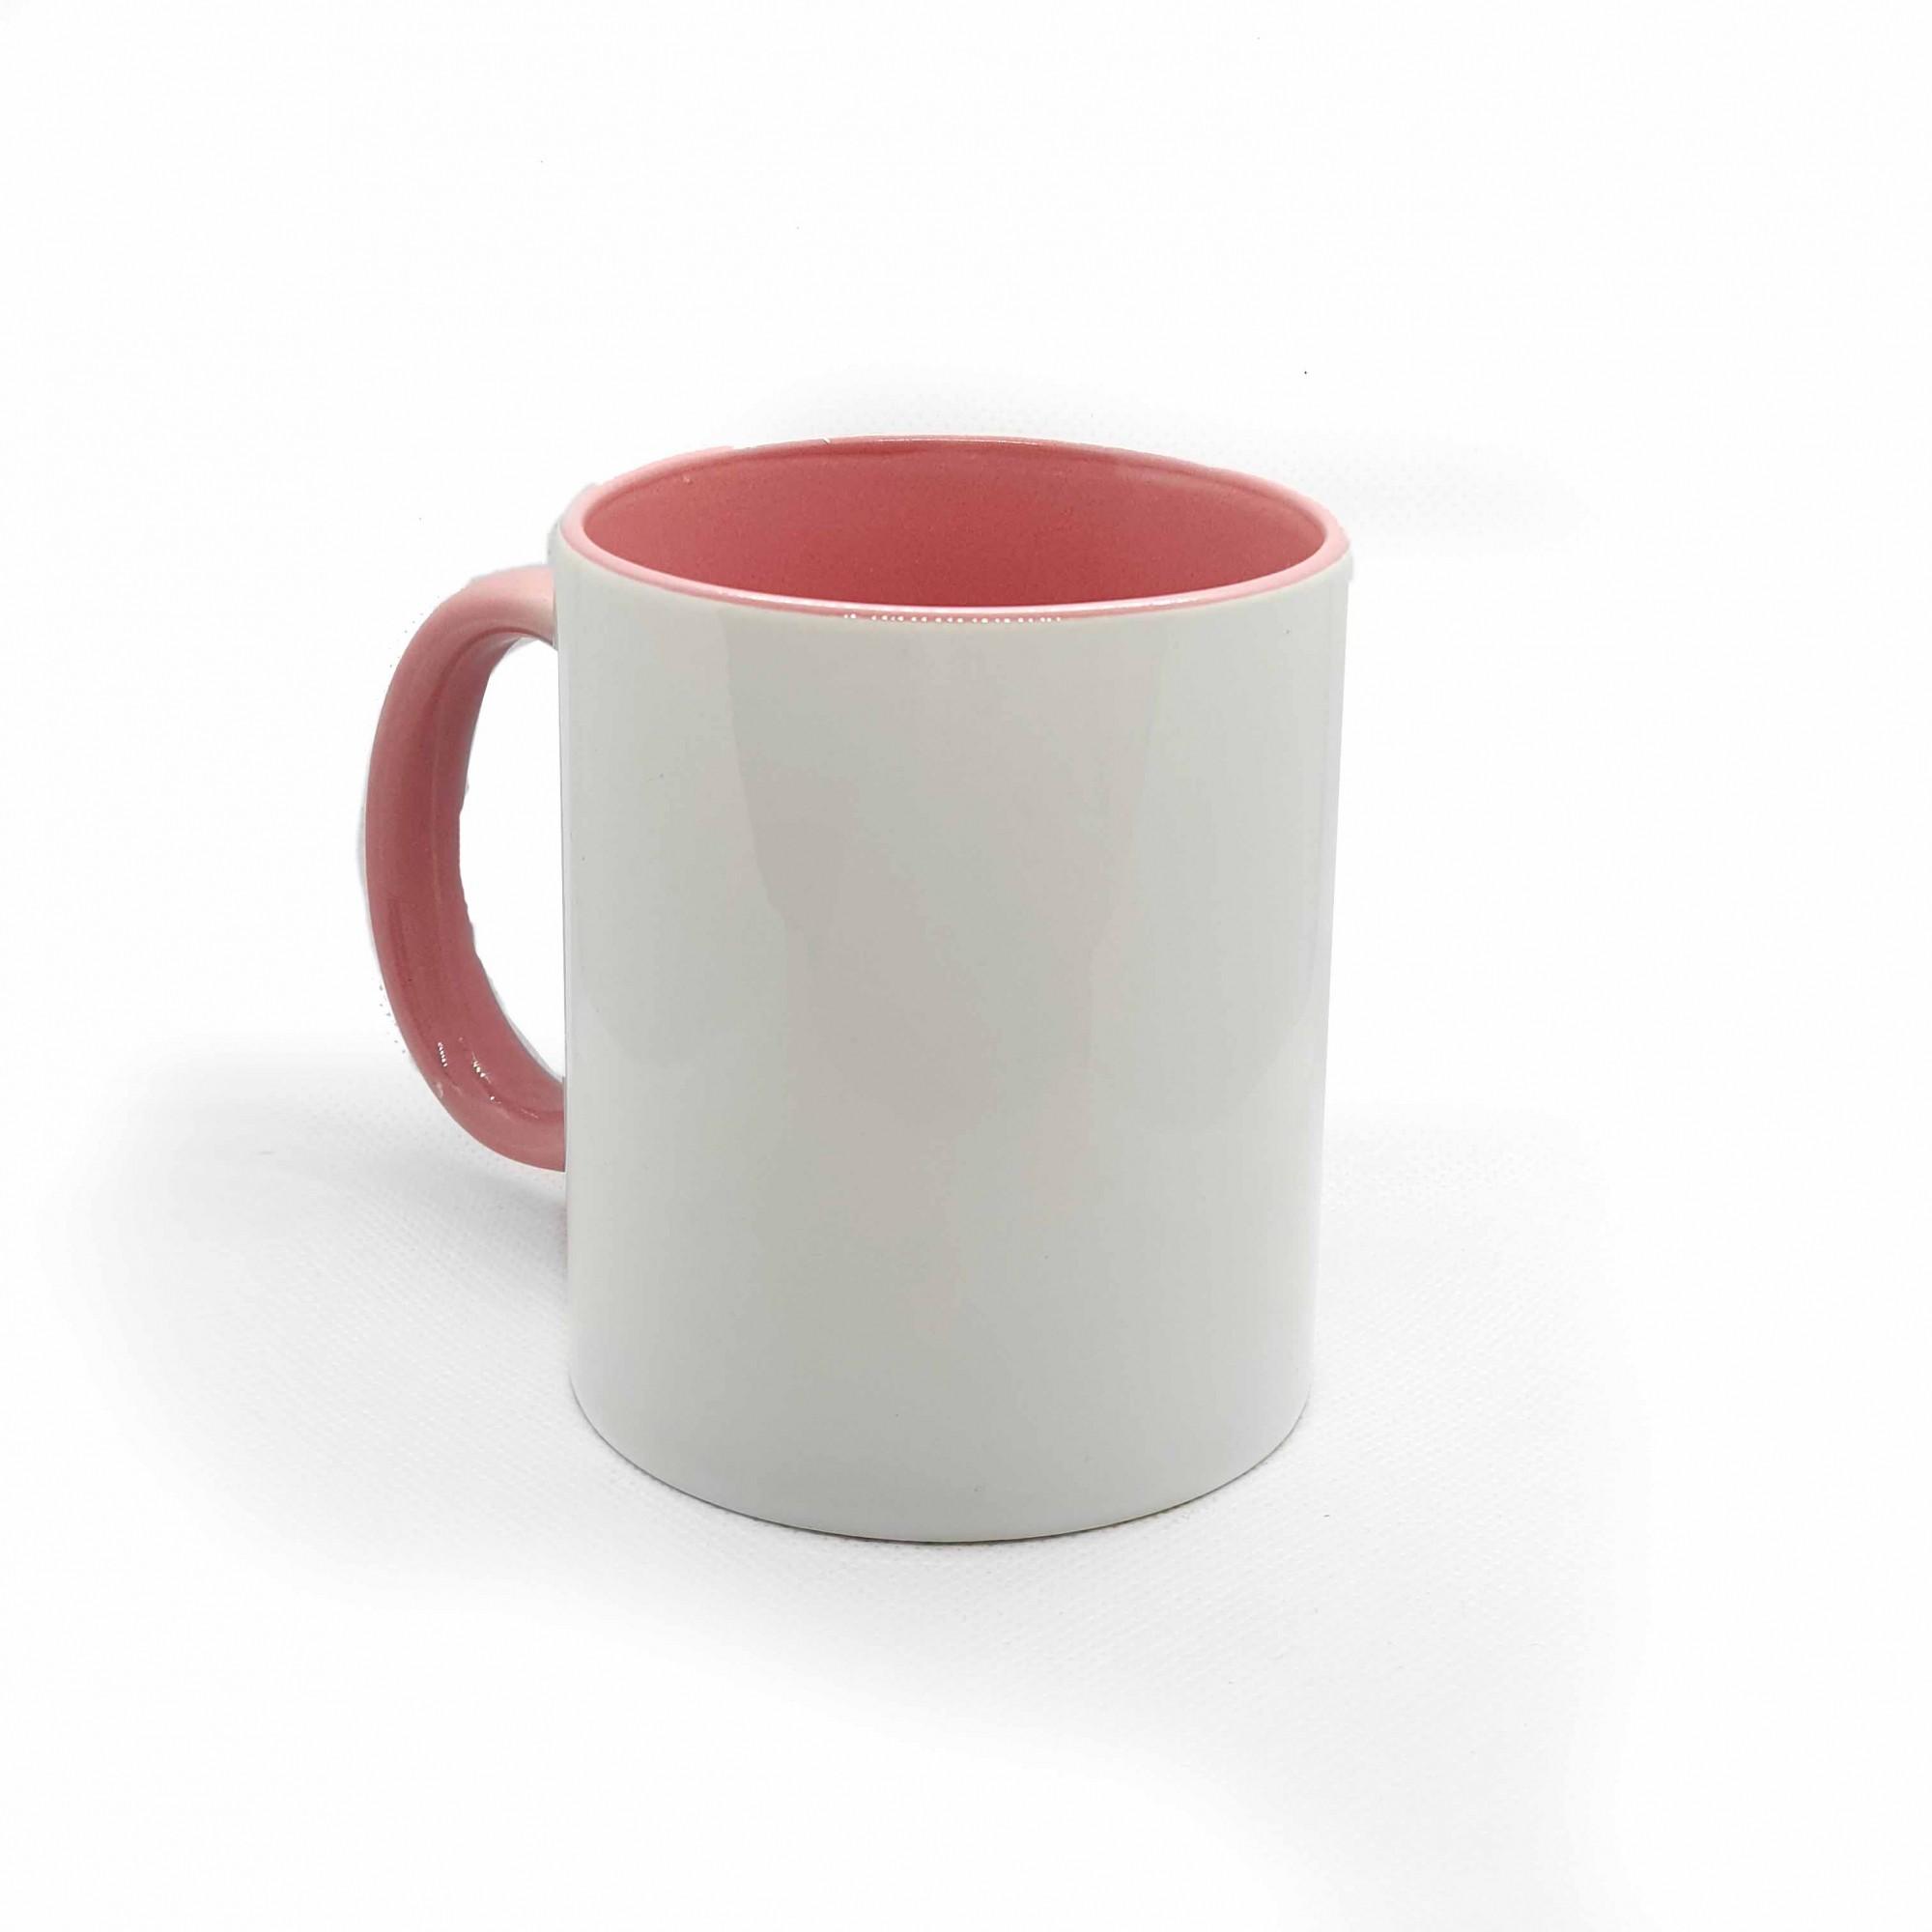 Caneca branca com interior e alça rosa para sublimação - UNIDADE  - ECONOMIZOU